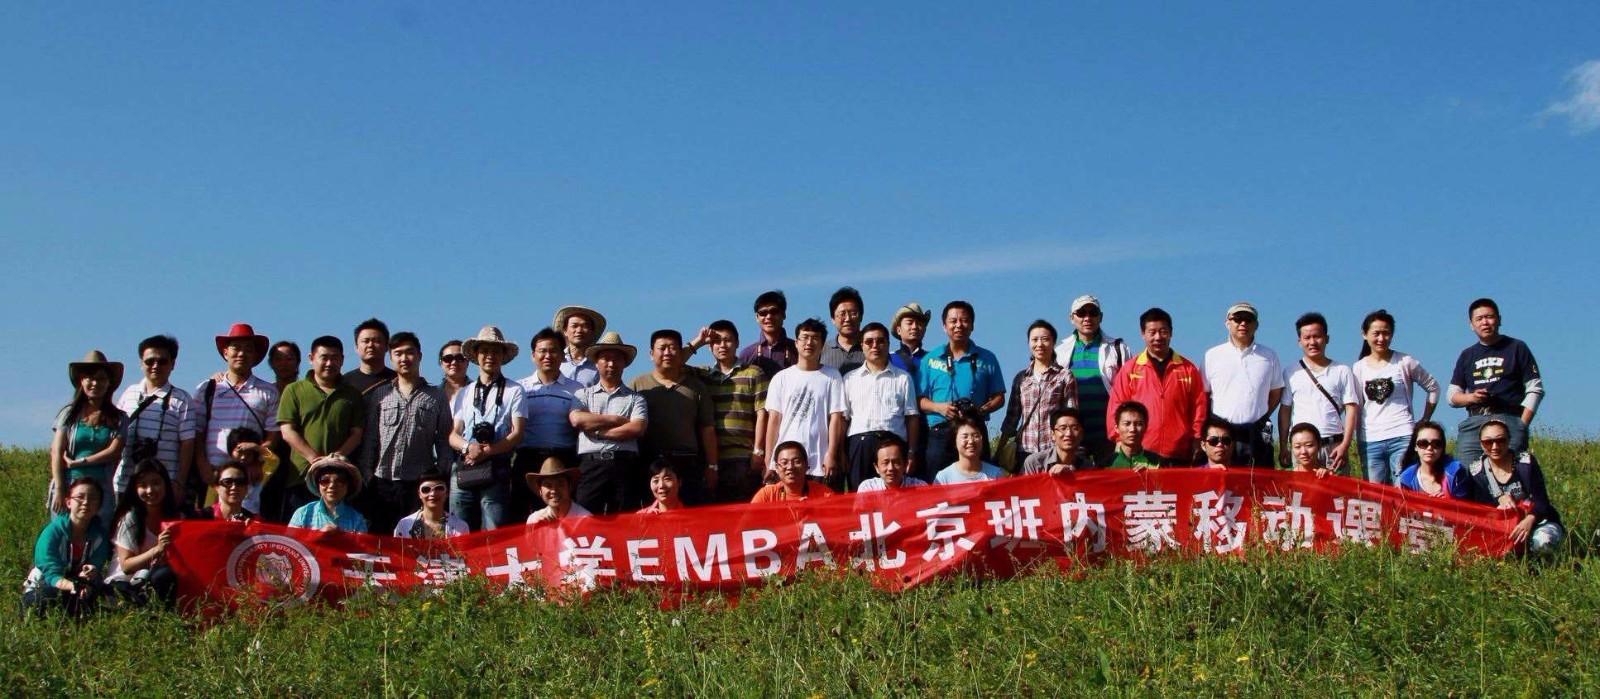 天津大学EMBA北京班内蒙移动课堂